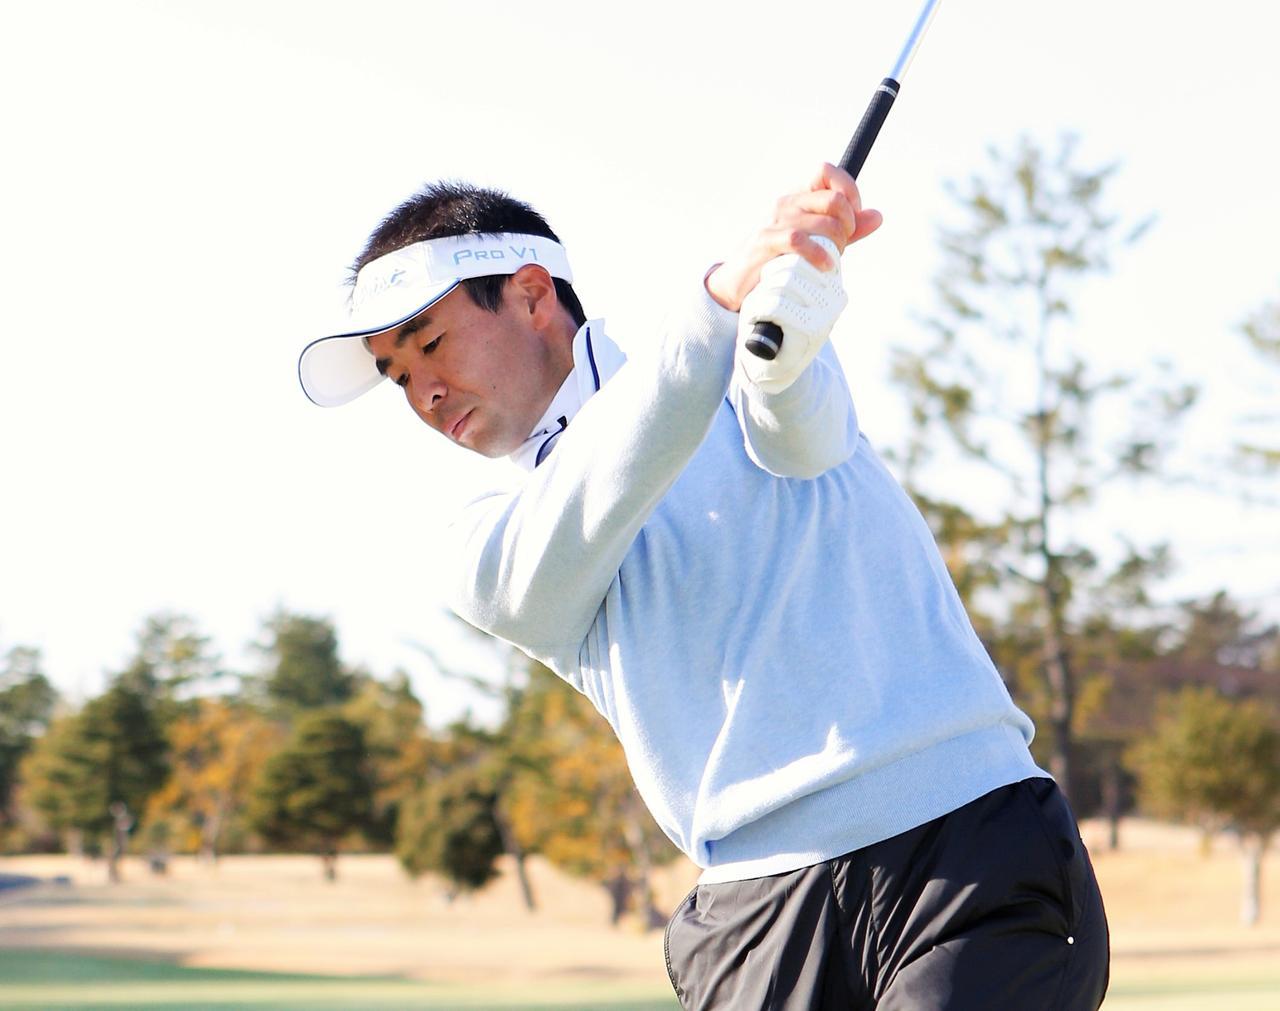 画像: アイアンショットは、肩は「タテ」腰は「ヨコ」! - みんなのゴルフダイジェスト